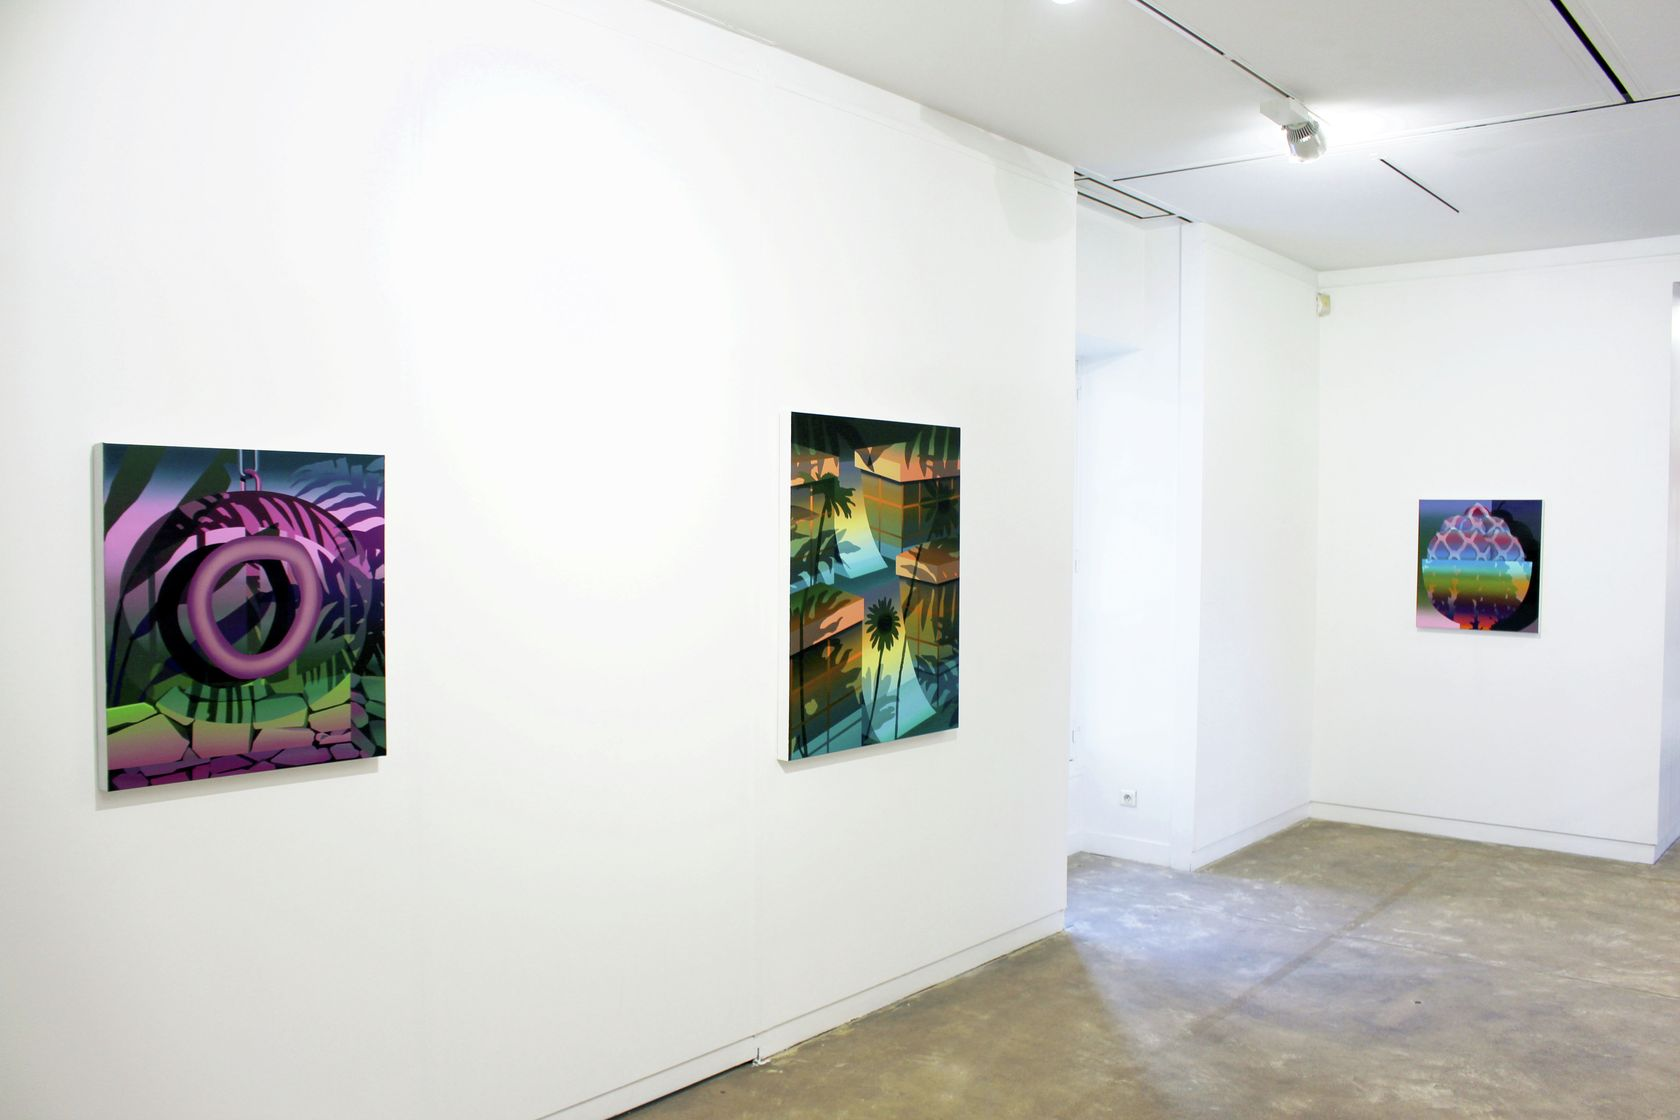 Amélie Bertrand, Picturalité(s), Maison des arts, centre d'art contemporain de Malakoff, Malkoff (FR) 26 septembre - 13 décembre 2020 © maison des arts centre d'art contemporain de Malakoff